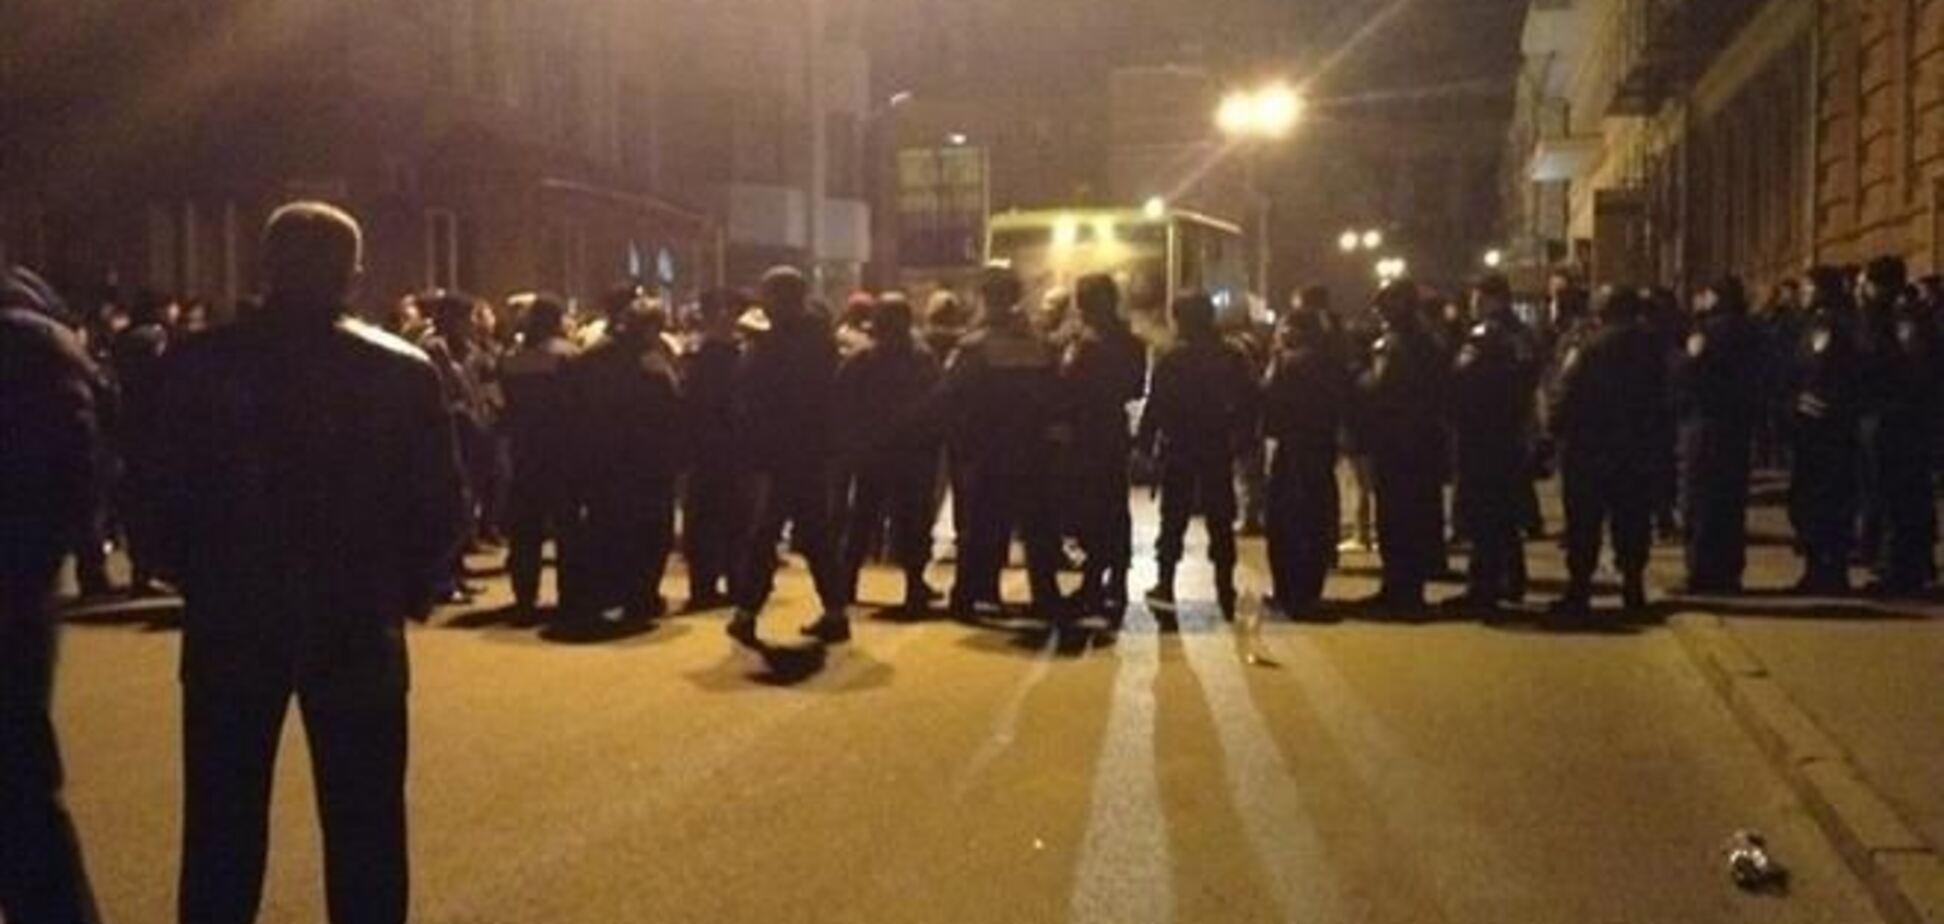 Після перестрілки в Харкові у СІЗО потрапили 25 осіб